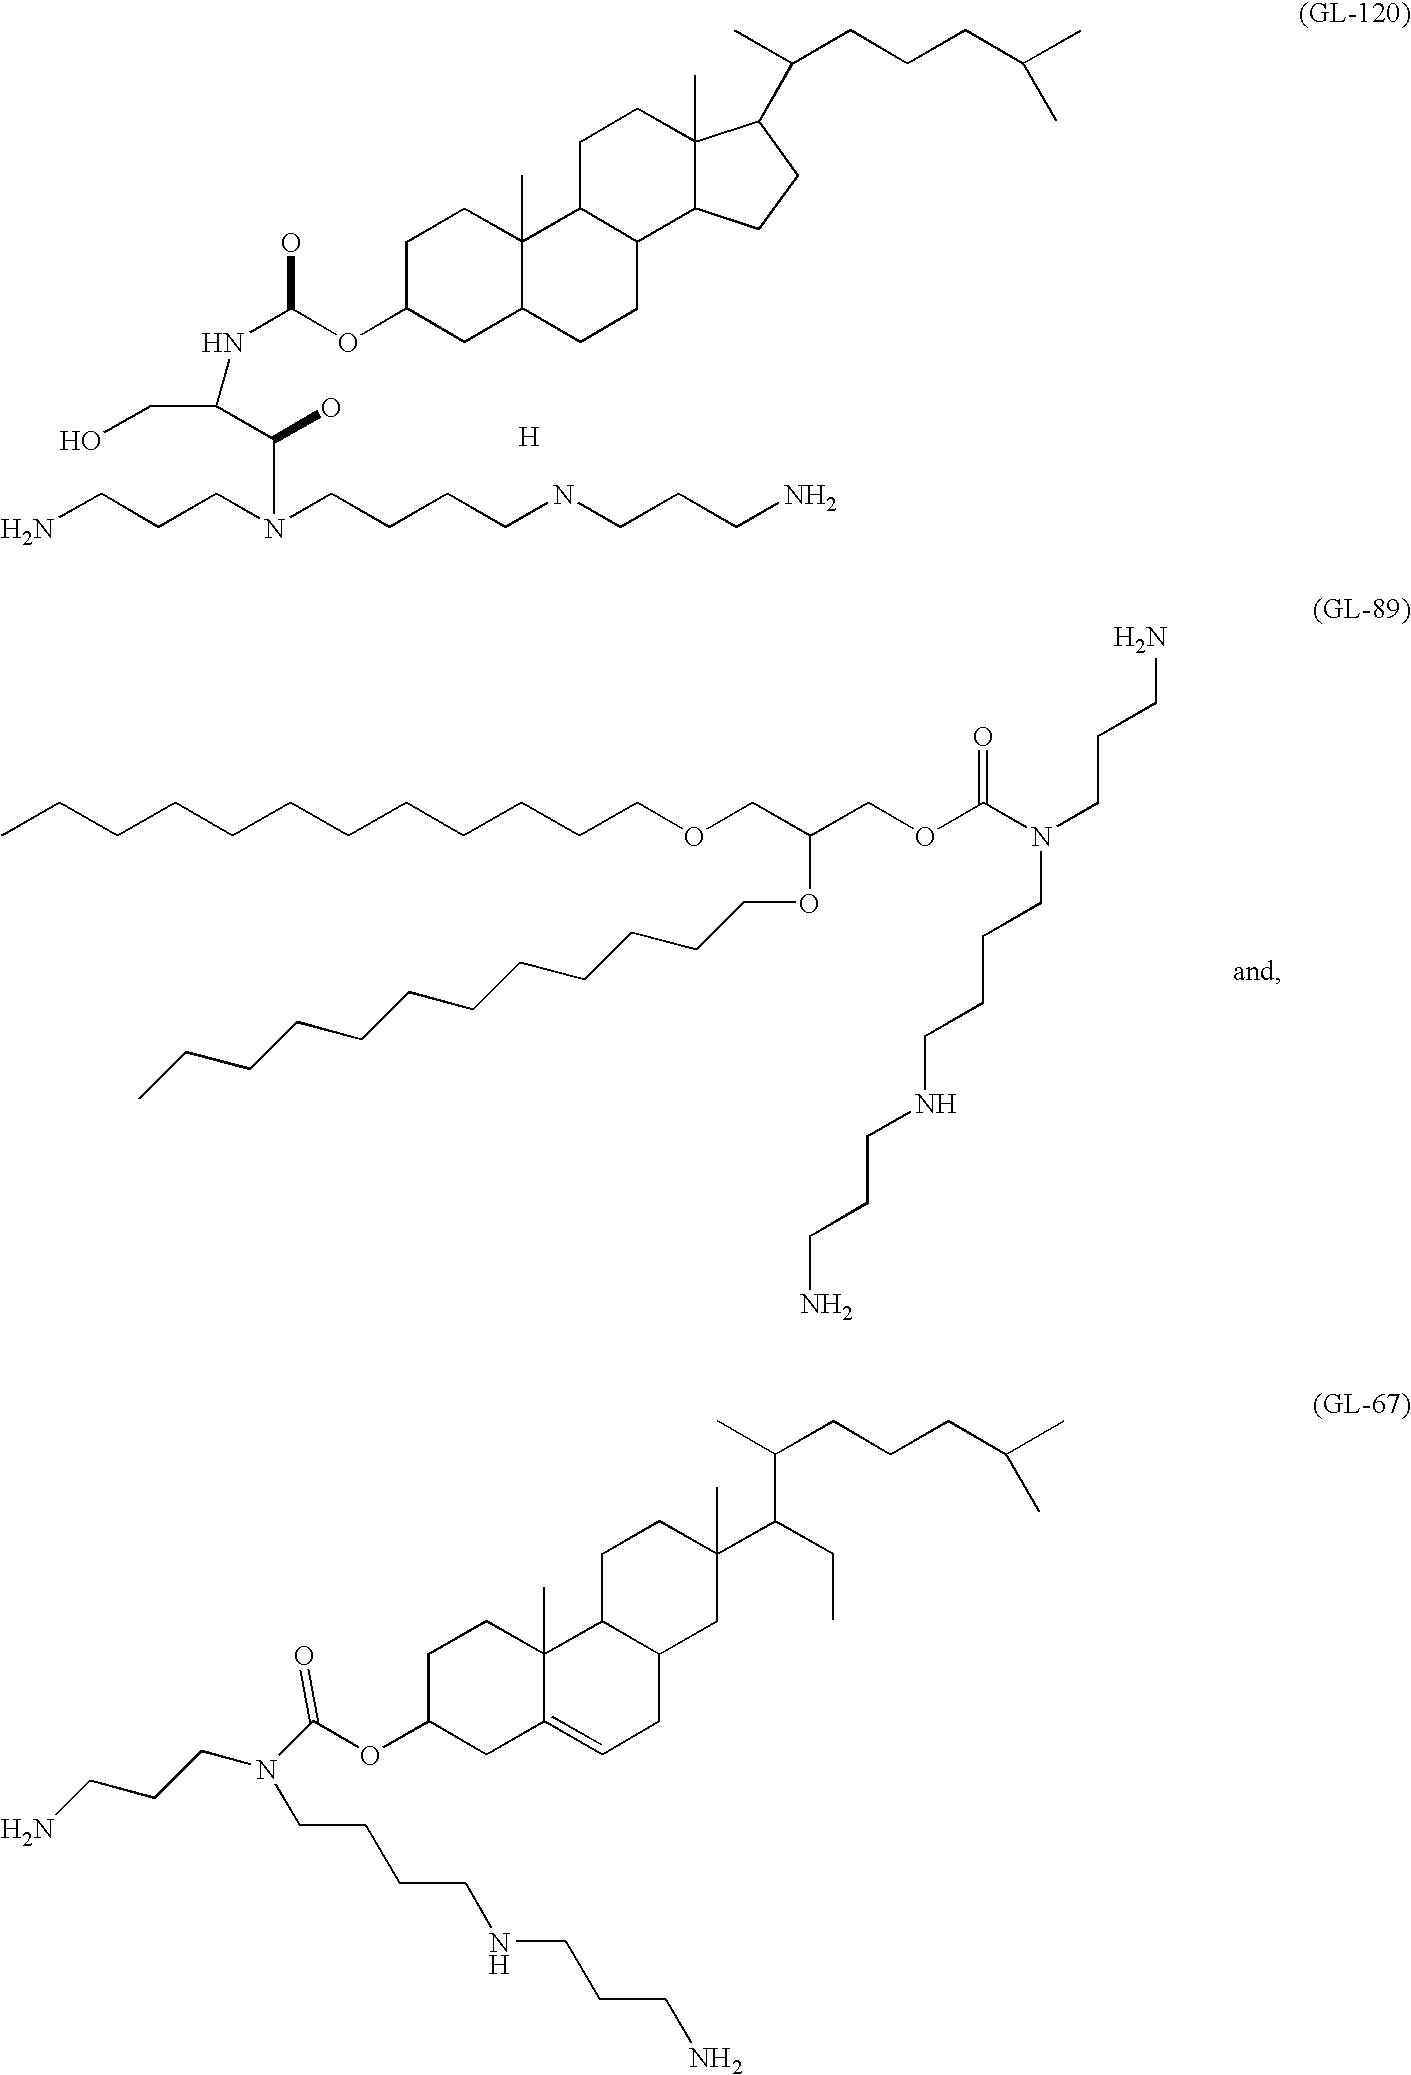 Figure US20030143266A1-20030731-C00001